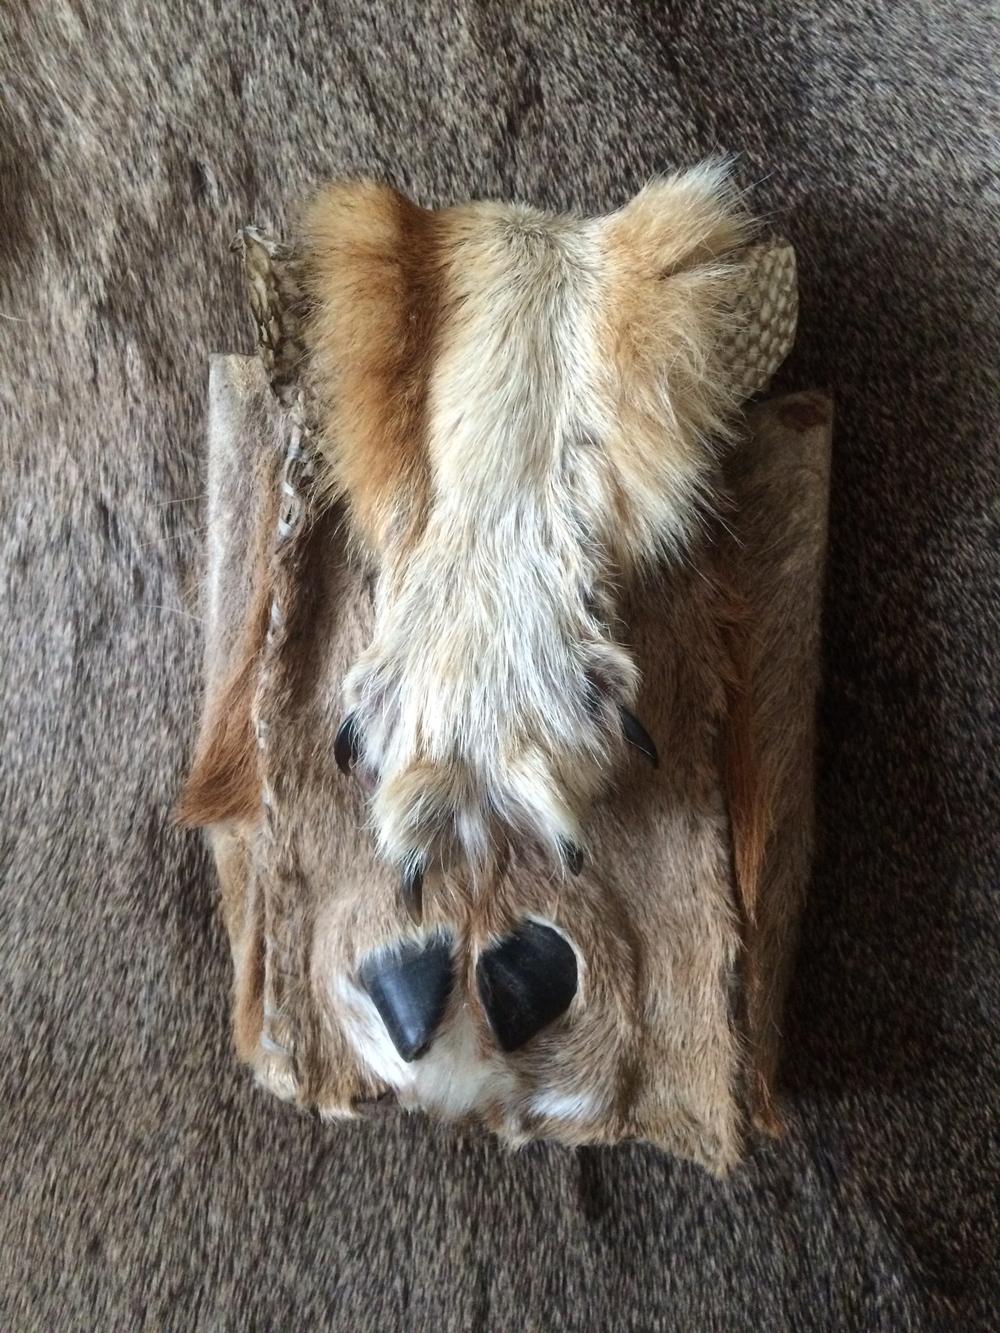 deer hocks, bark tan coyote paw, oil tan salmon skin